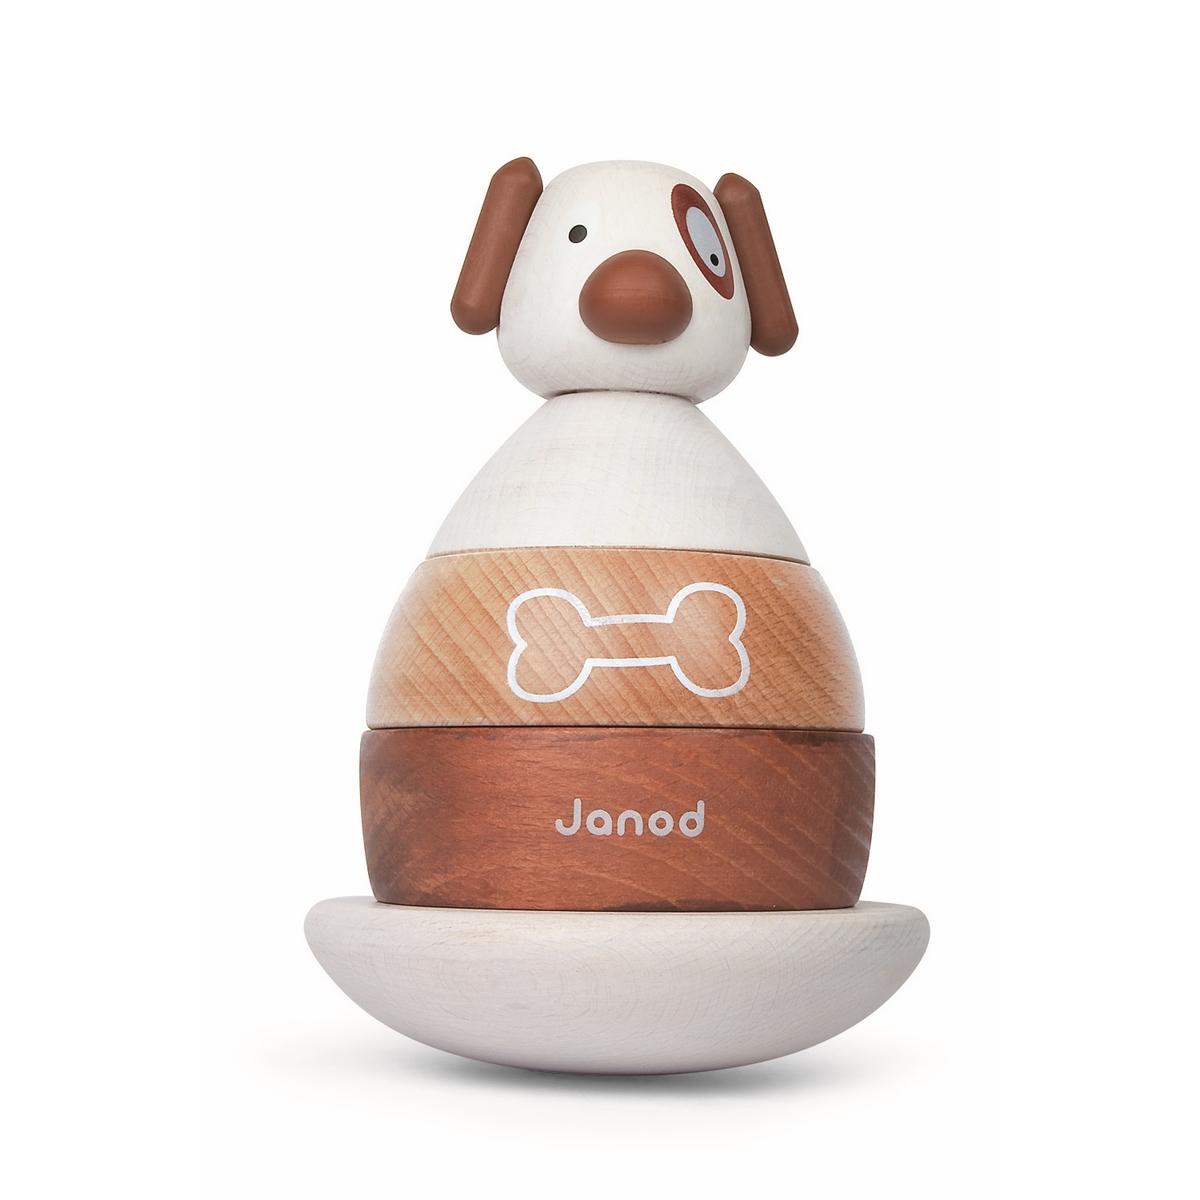 Janod Пирамидка СобачкаJ08111Пирамидка Janod Собачка выполнена из натуральной экологически чистой древесины и окрашена безвредными красками на водной основе. Эта игрушка многофункциональна. Забавные фигурки разбираются на составные части, и ребенку придется приложить усилие, чтобы собрать их в том же порядке. Платформа качается и поэтому ребенок получает представление о равновесии, а еще их можно считать.